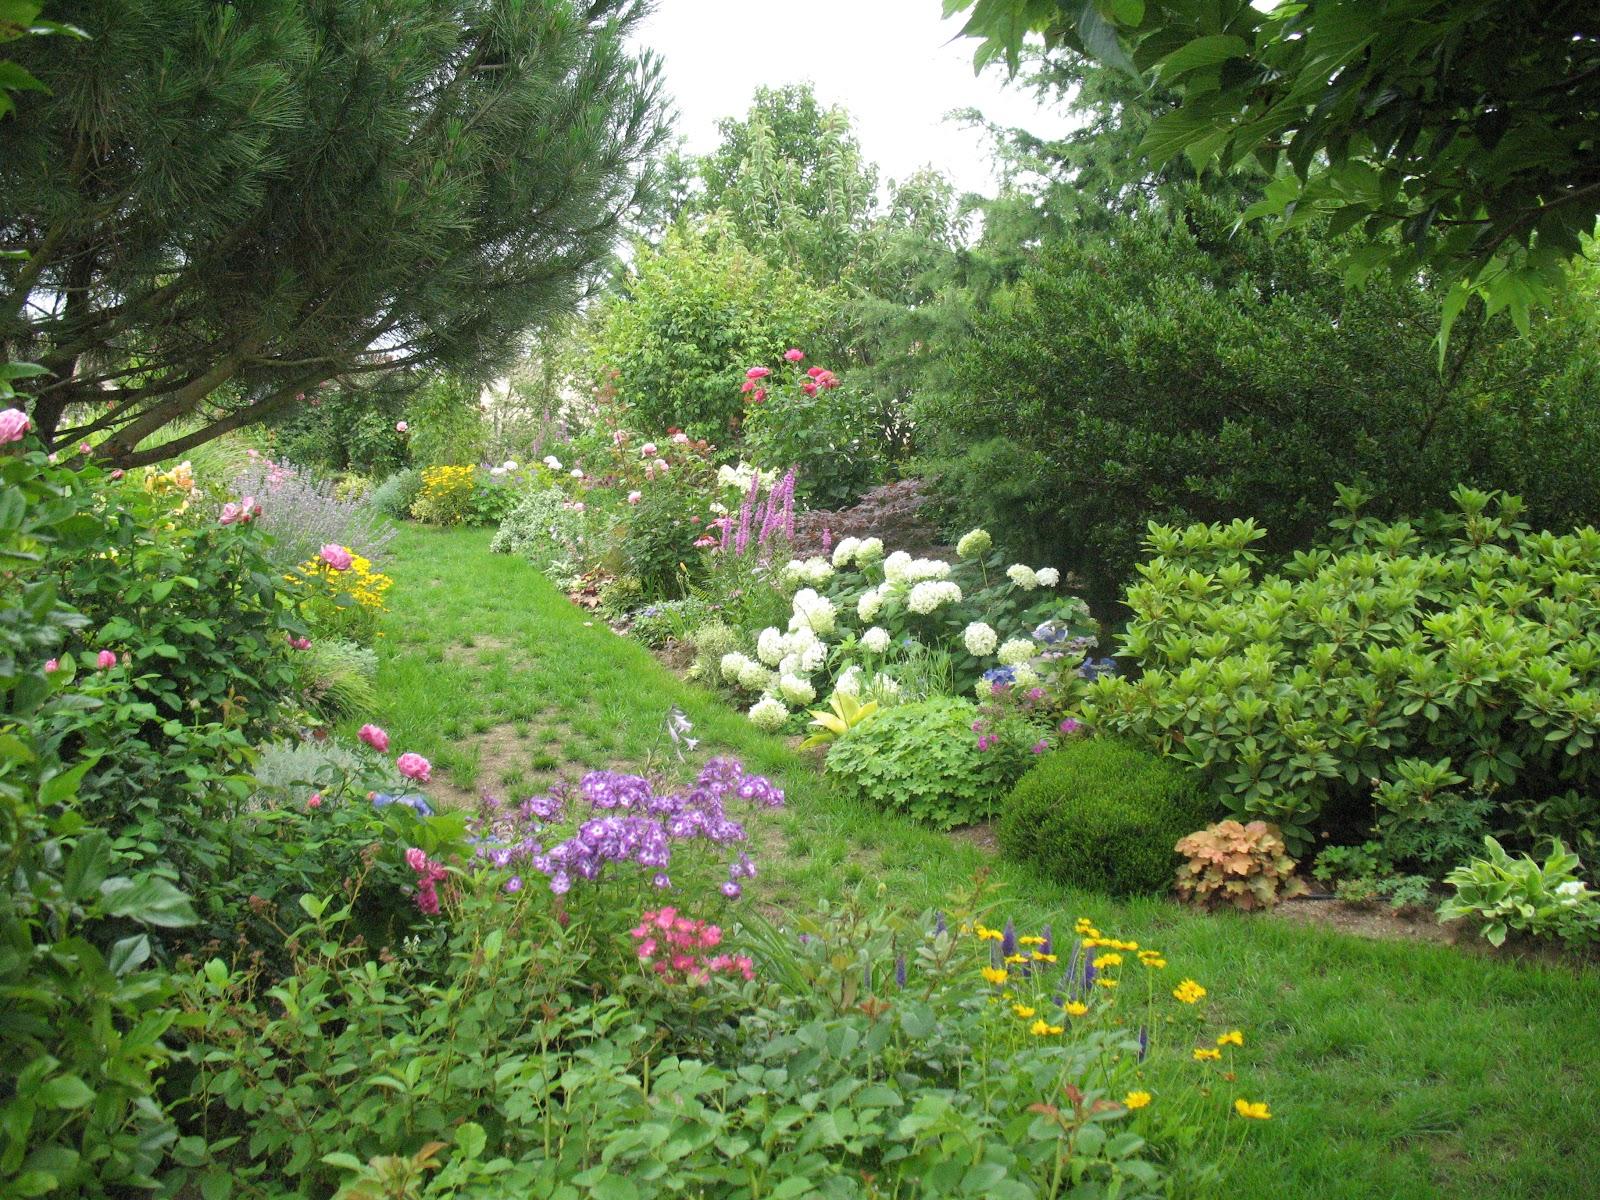 Roses du jardin ch neland le jardin au cours de la belle - Jardin de chen ...